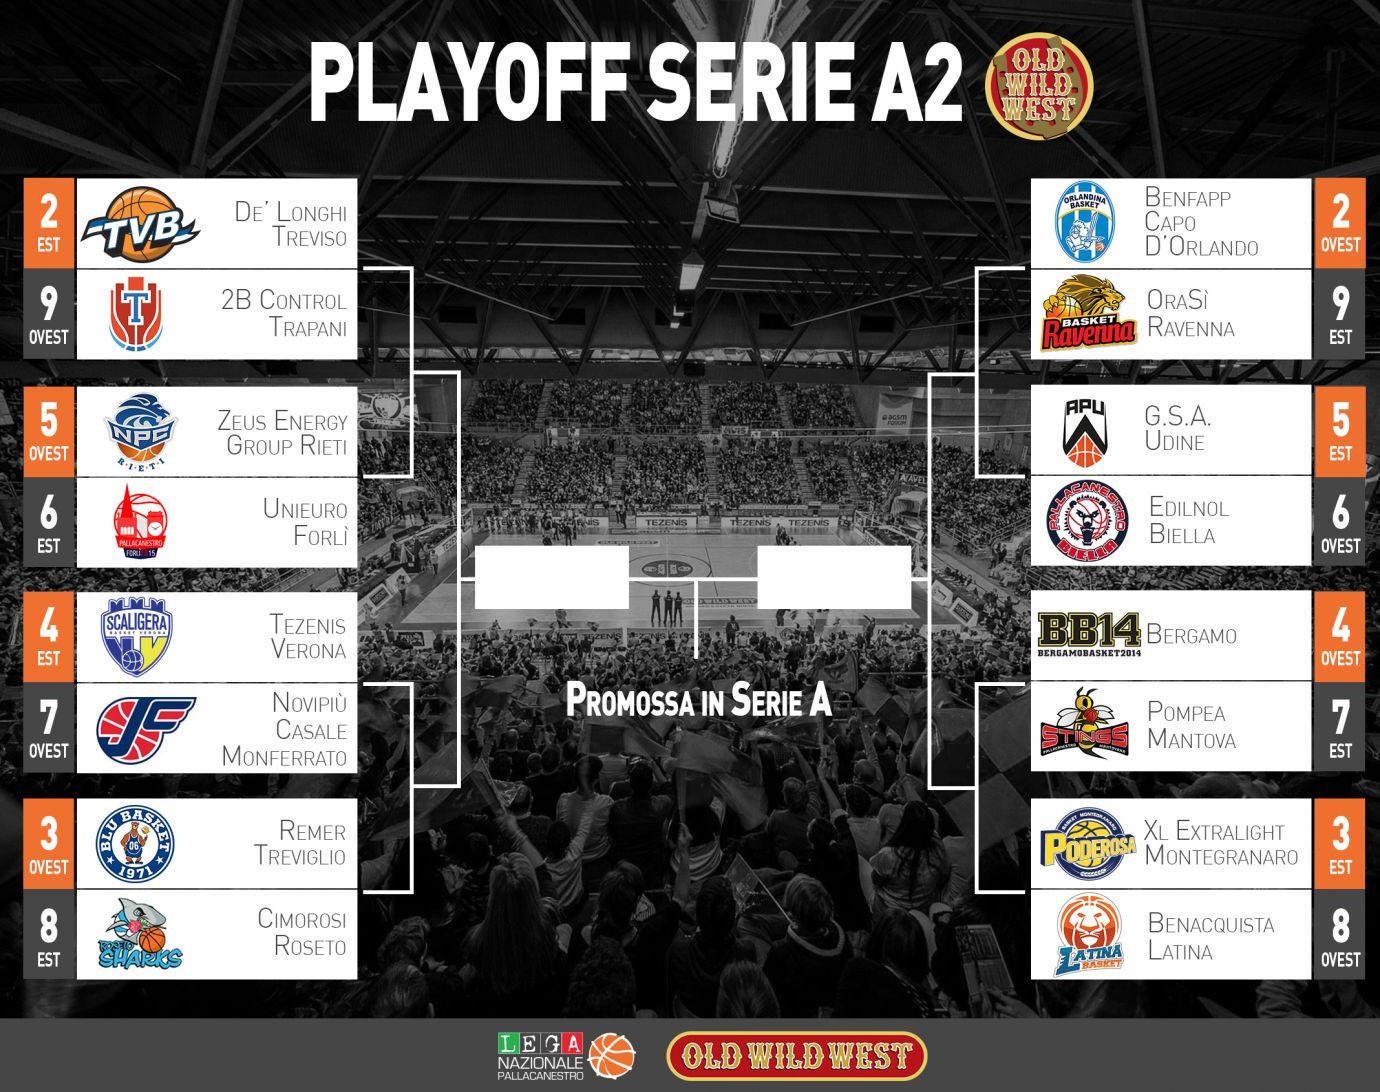 Calendario Playoff A2 2021 Playoff Serie A2 | Lega Nazionale Pallacanestro